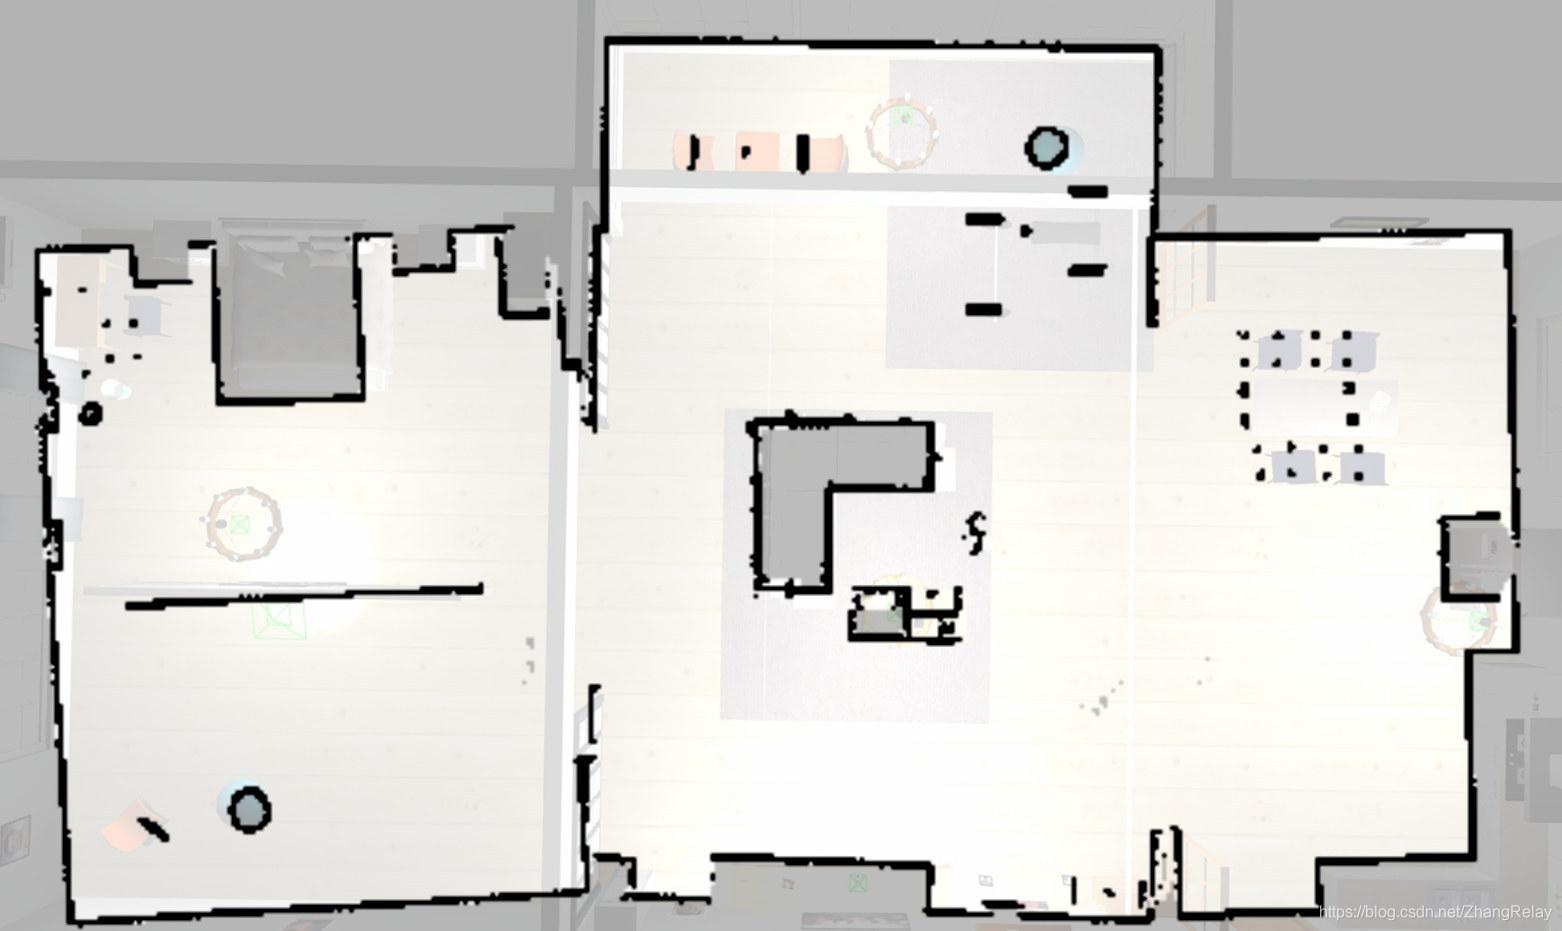 服务型移动机器人如何实现室内路径全覆盖清扫给你一个清爽干净的家